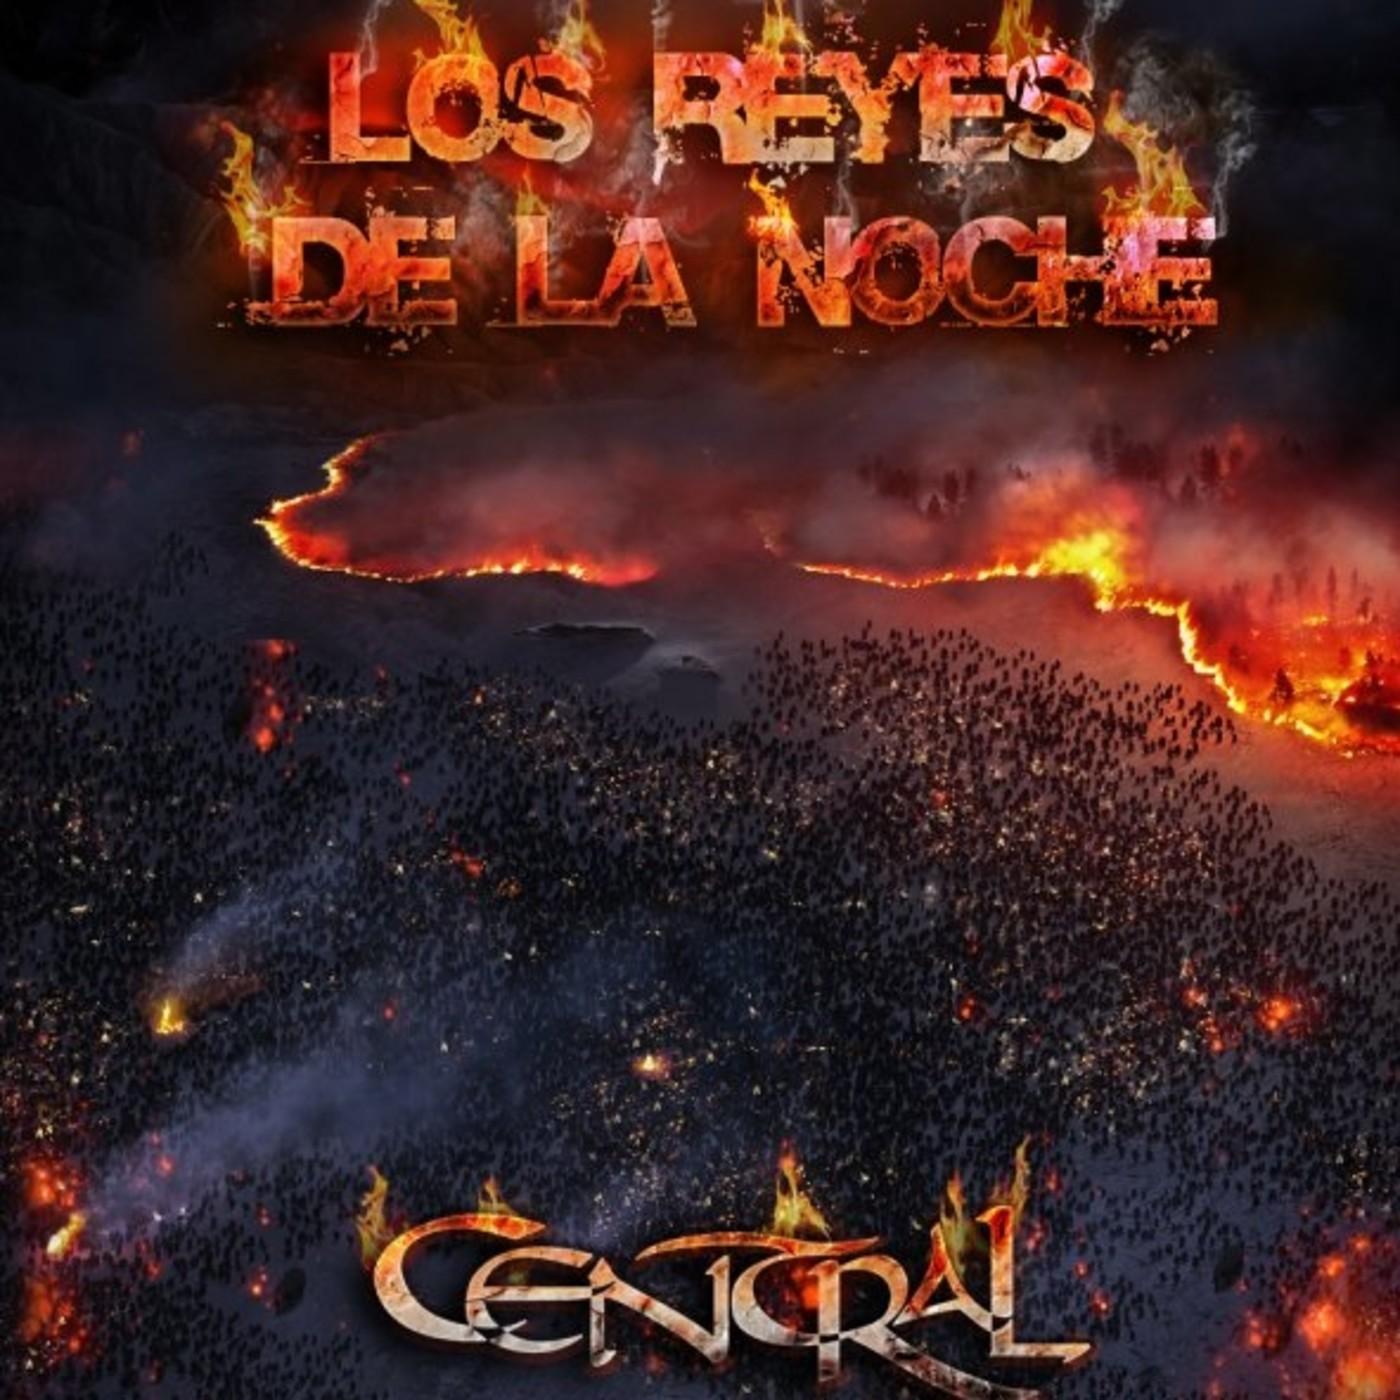 central-rock-los-reyes-de-la-noche-2020